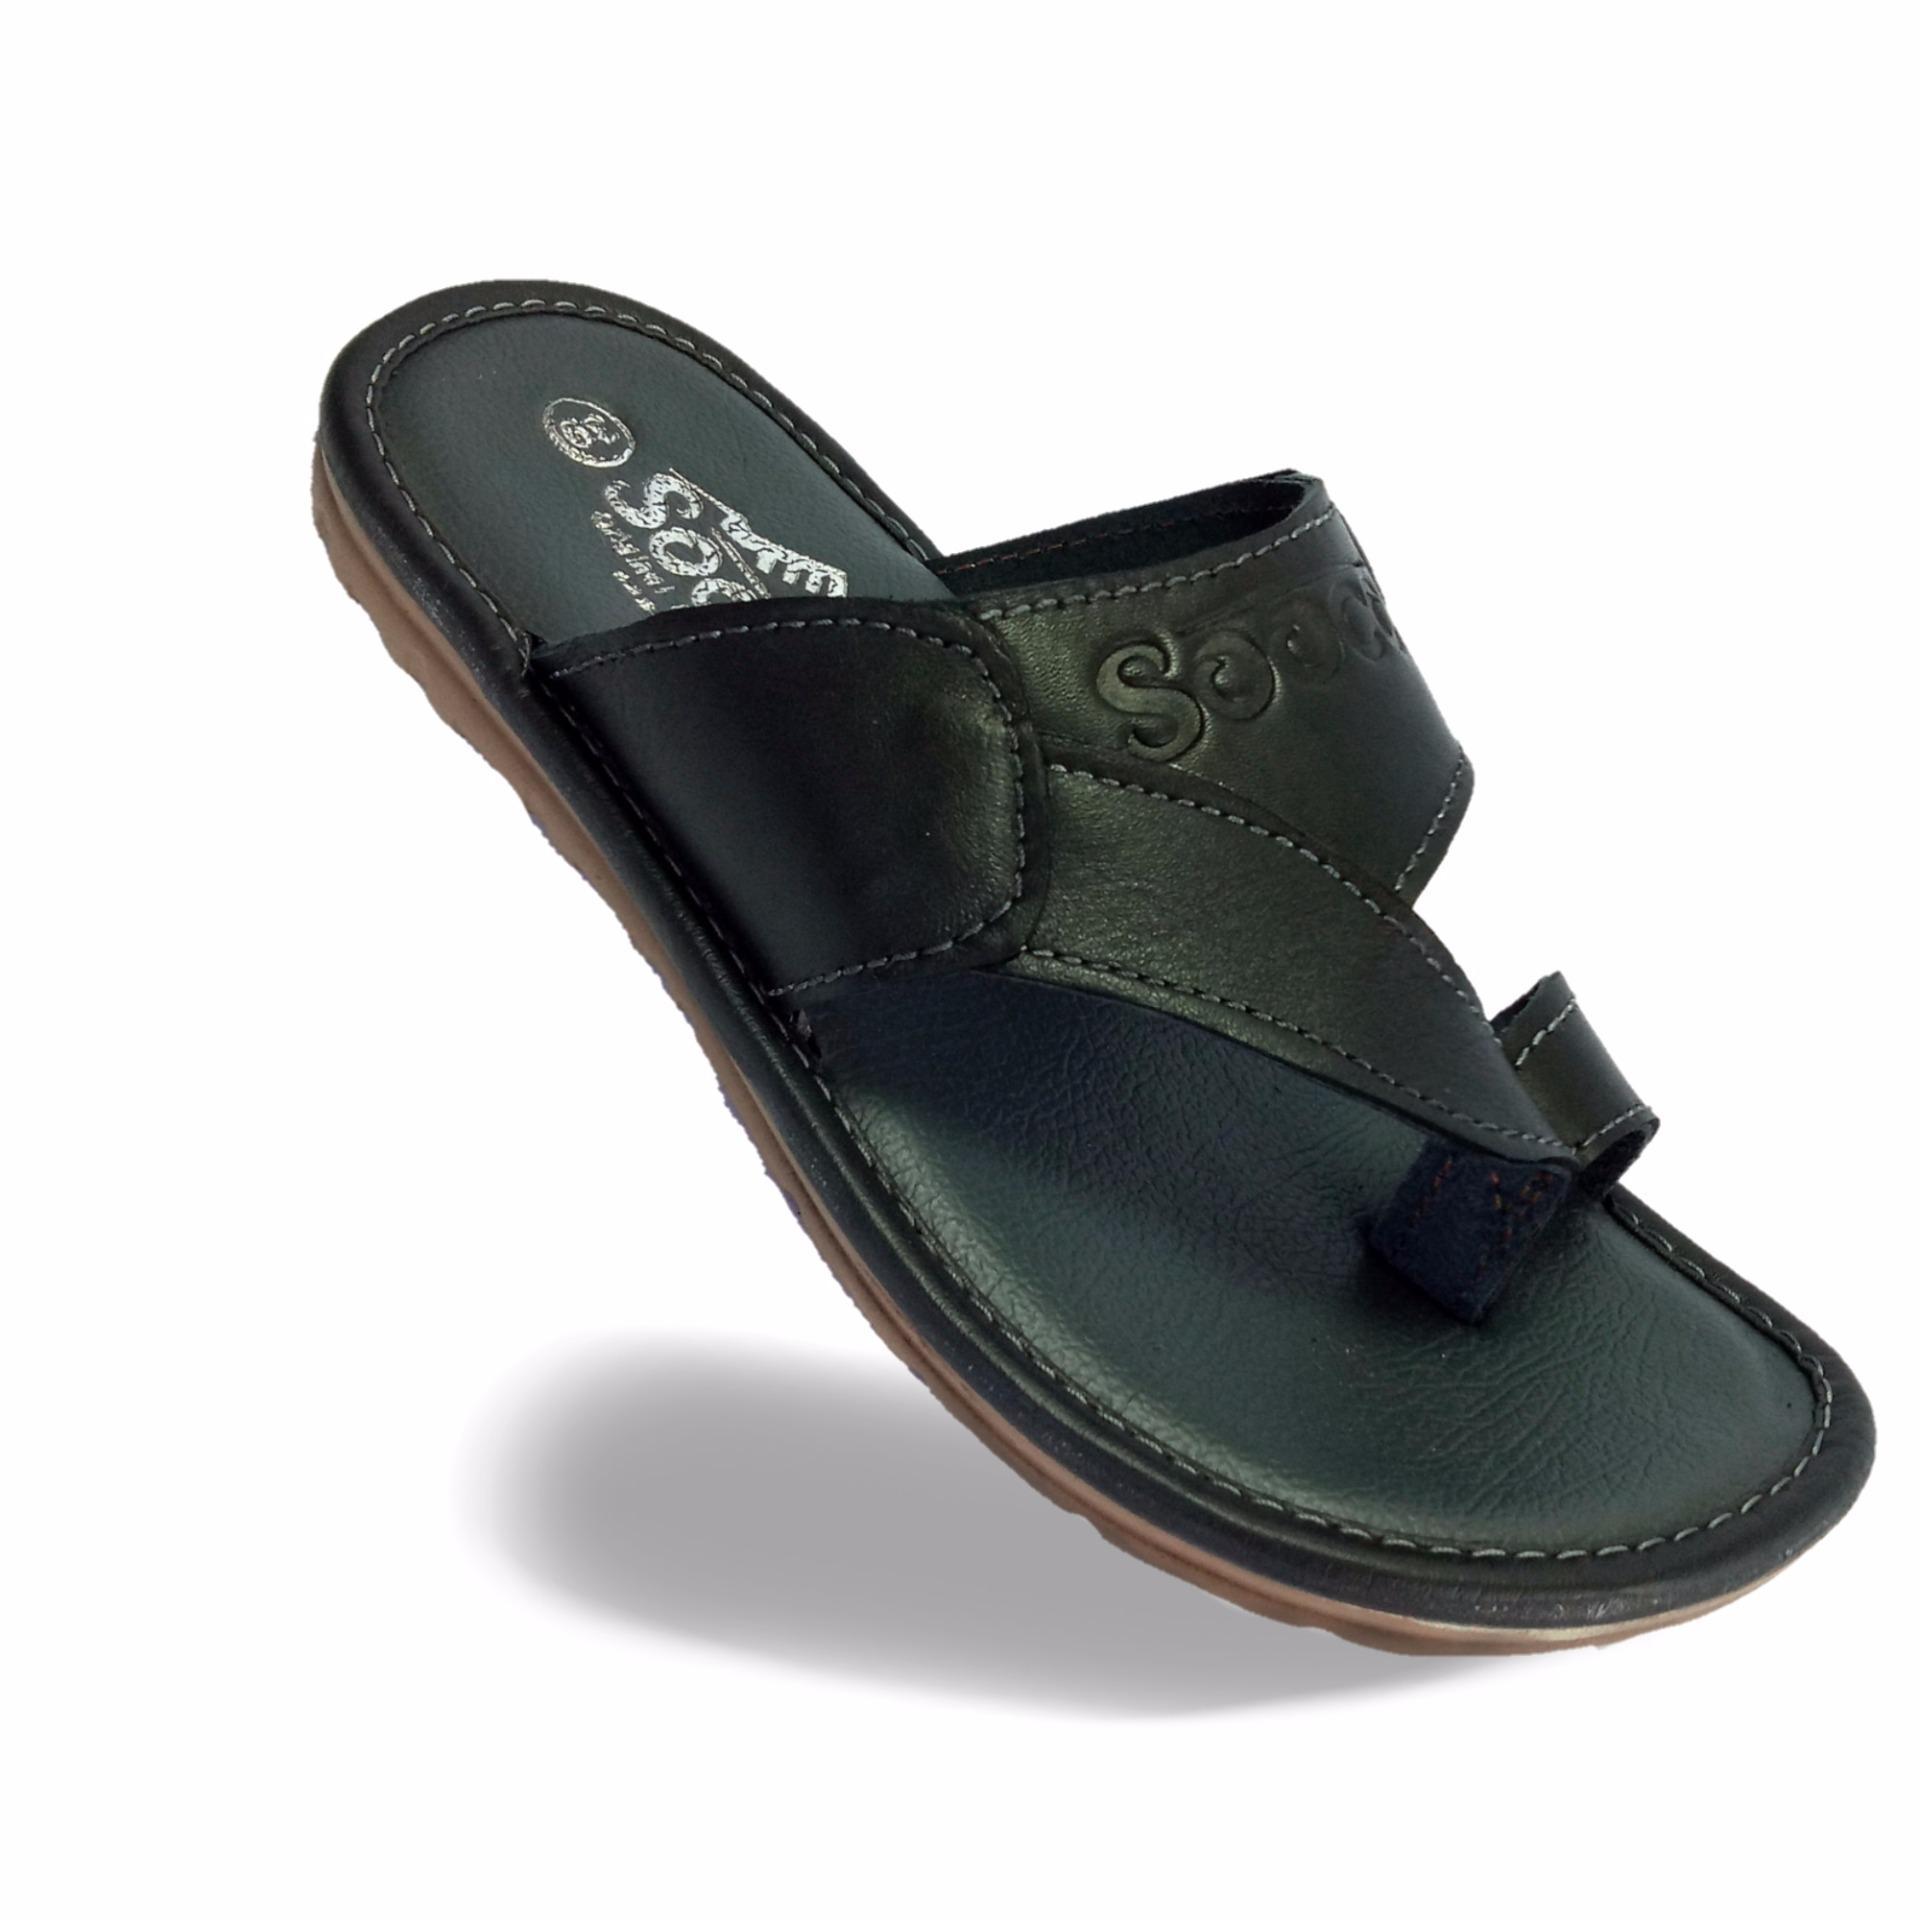 Spesifikasi Sandal Pria Kulit Asli Sooco Dan Harganya